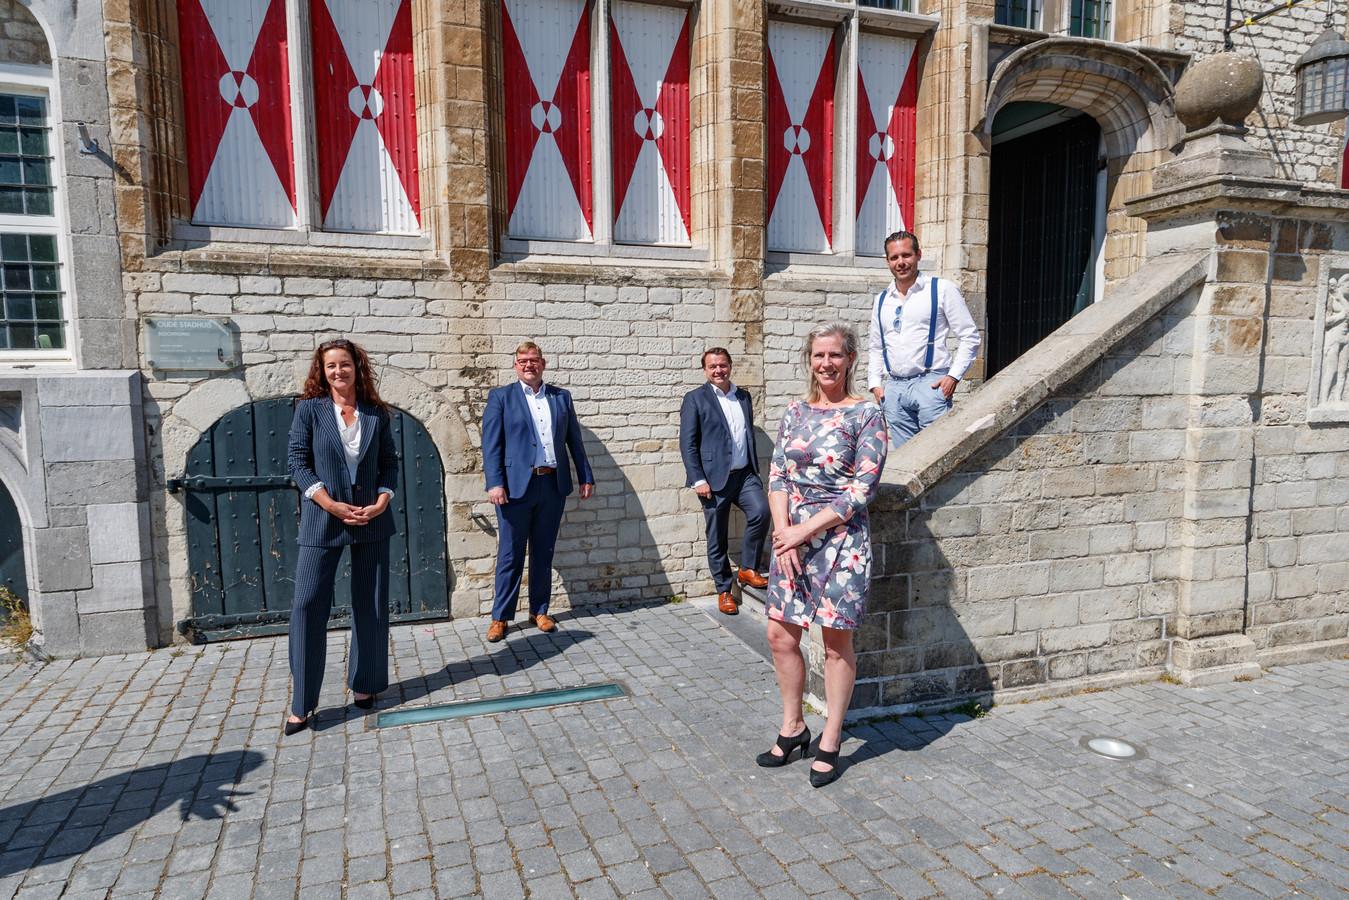 De Bergse wethouders met vlnr: Mignon van der Zwan, Patrick van der Velden, Jeroen de Lange, Petra Koenders en Barry Jacobs.